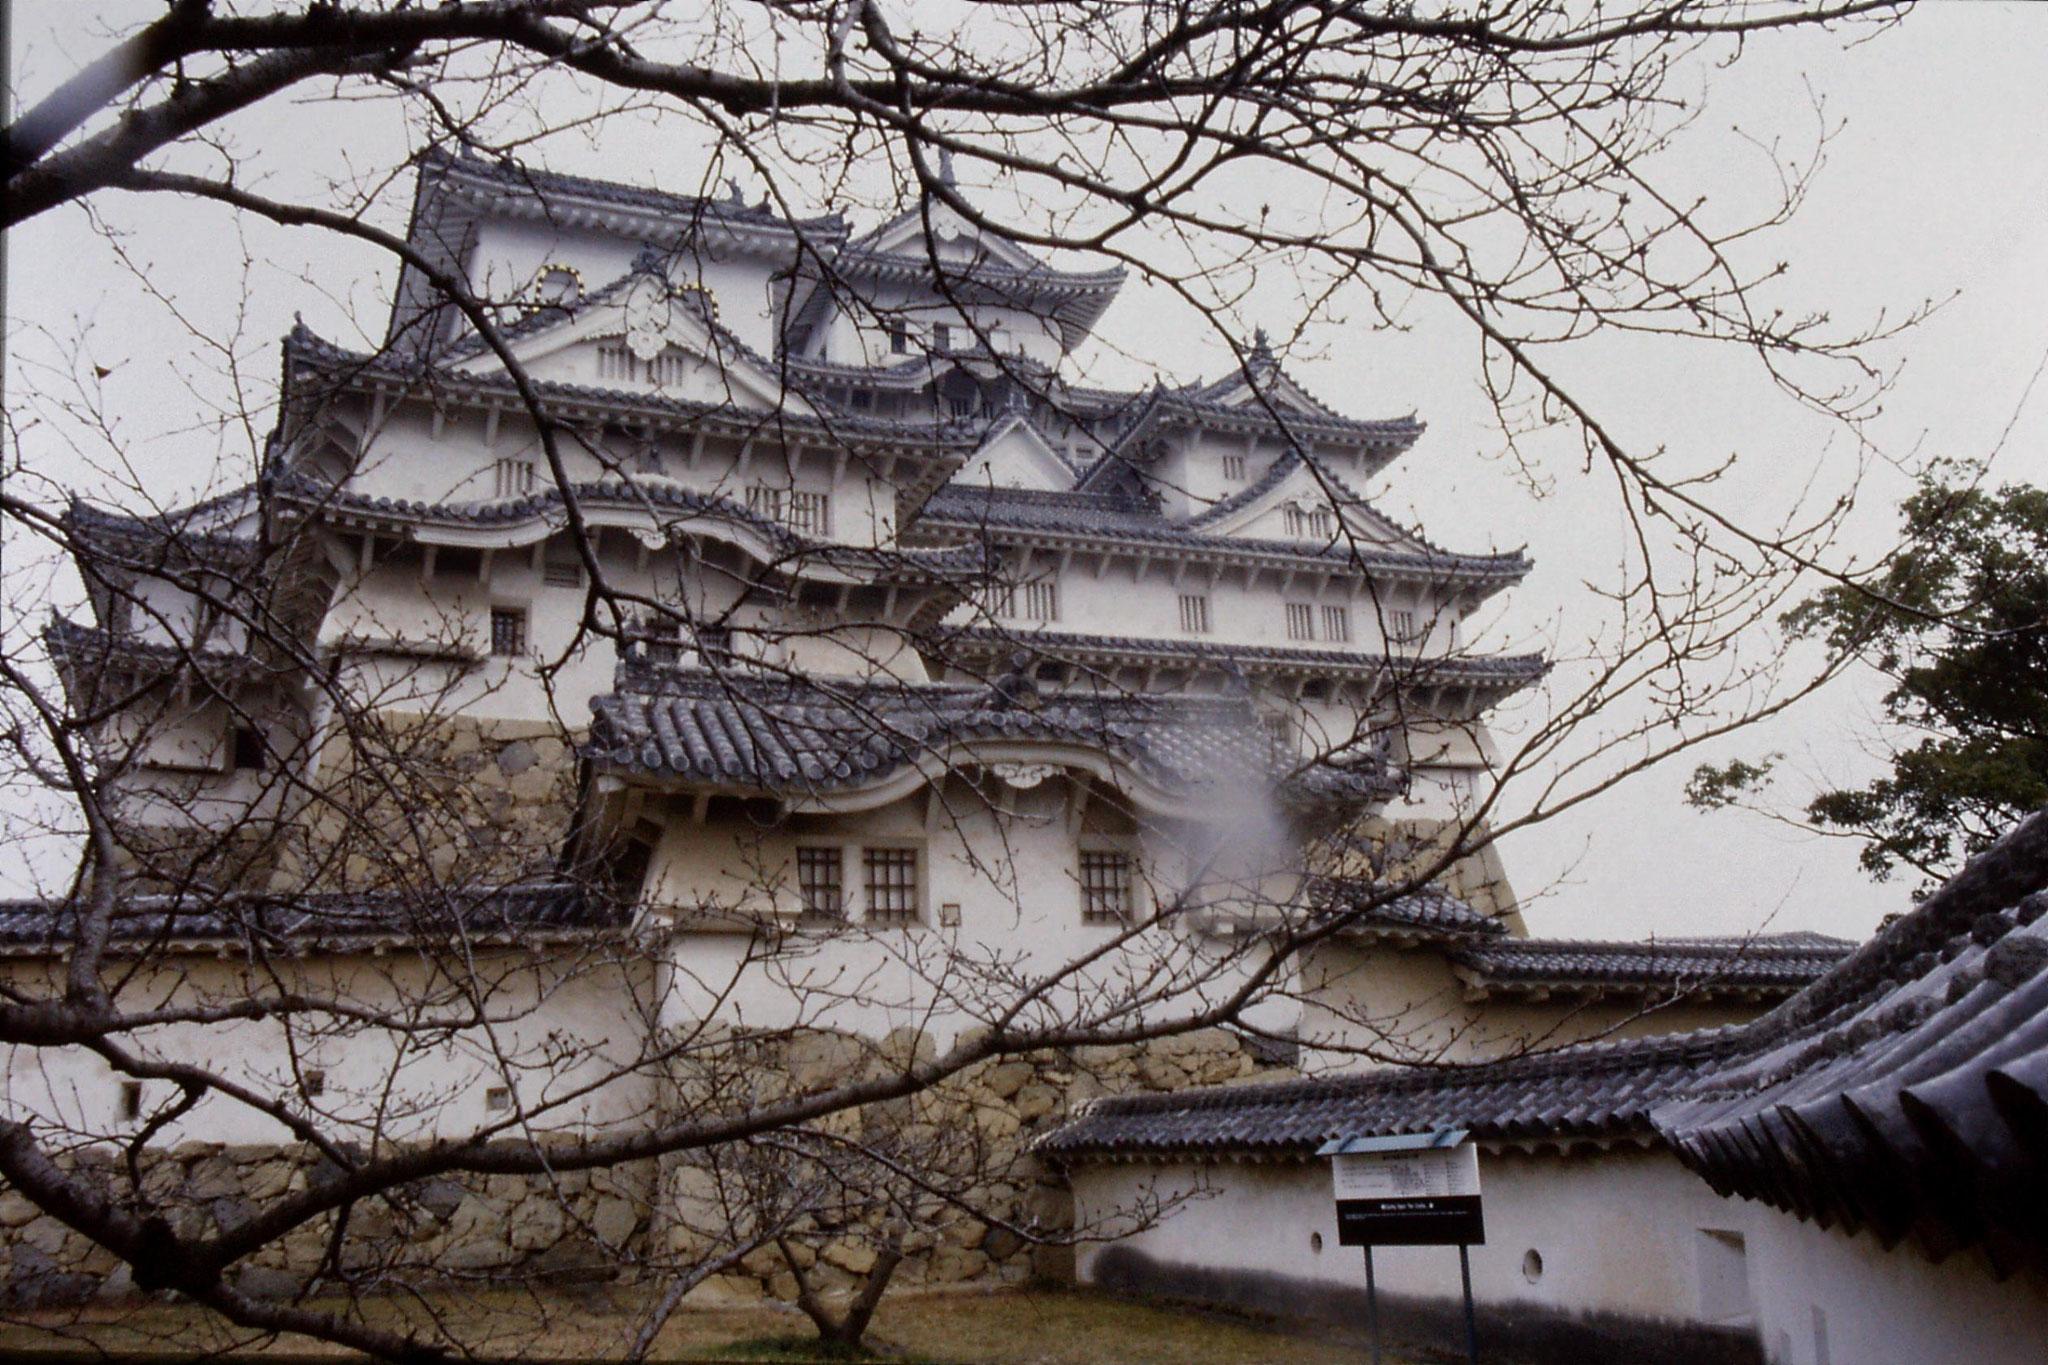 18/1/1989: 30: Himeji castle